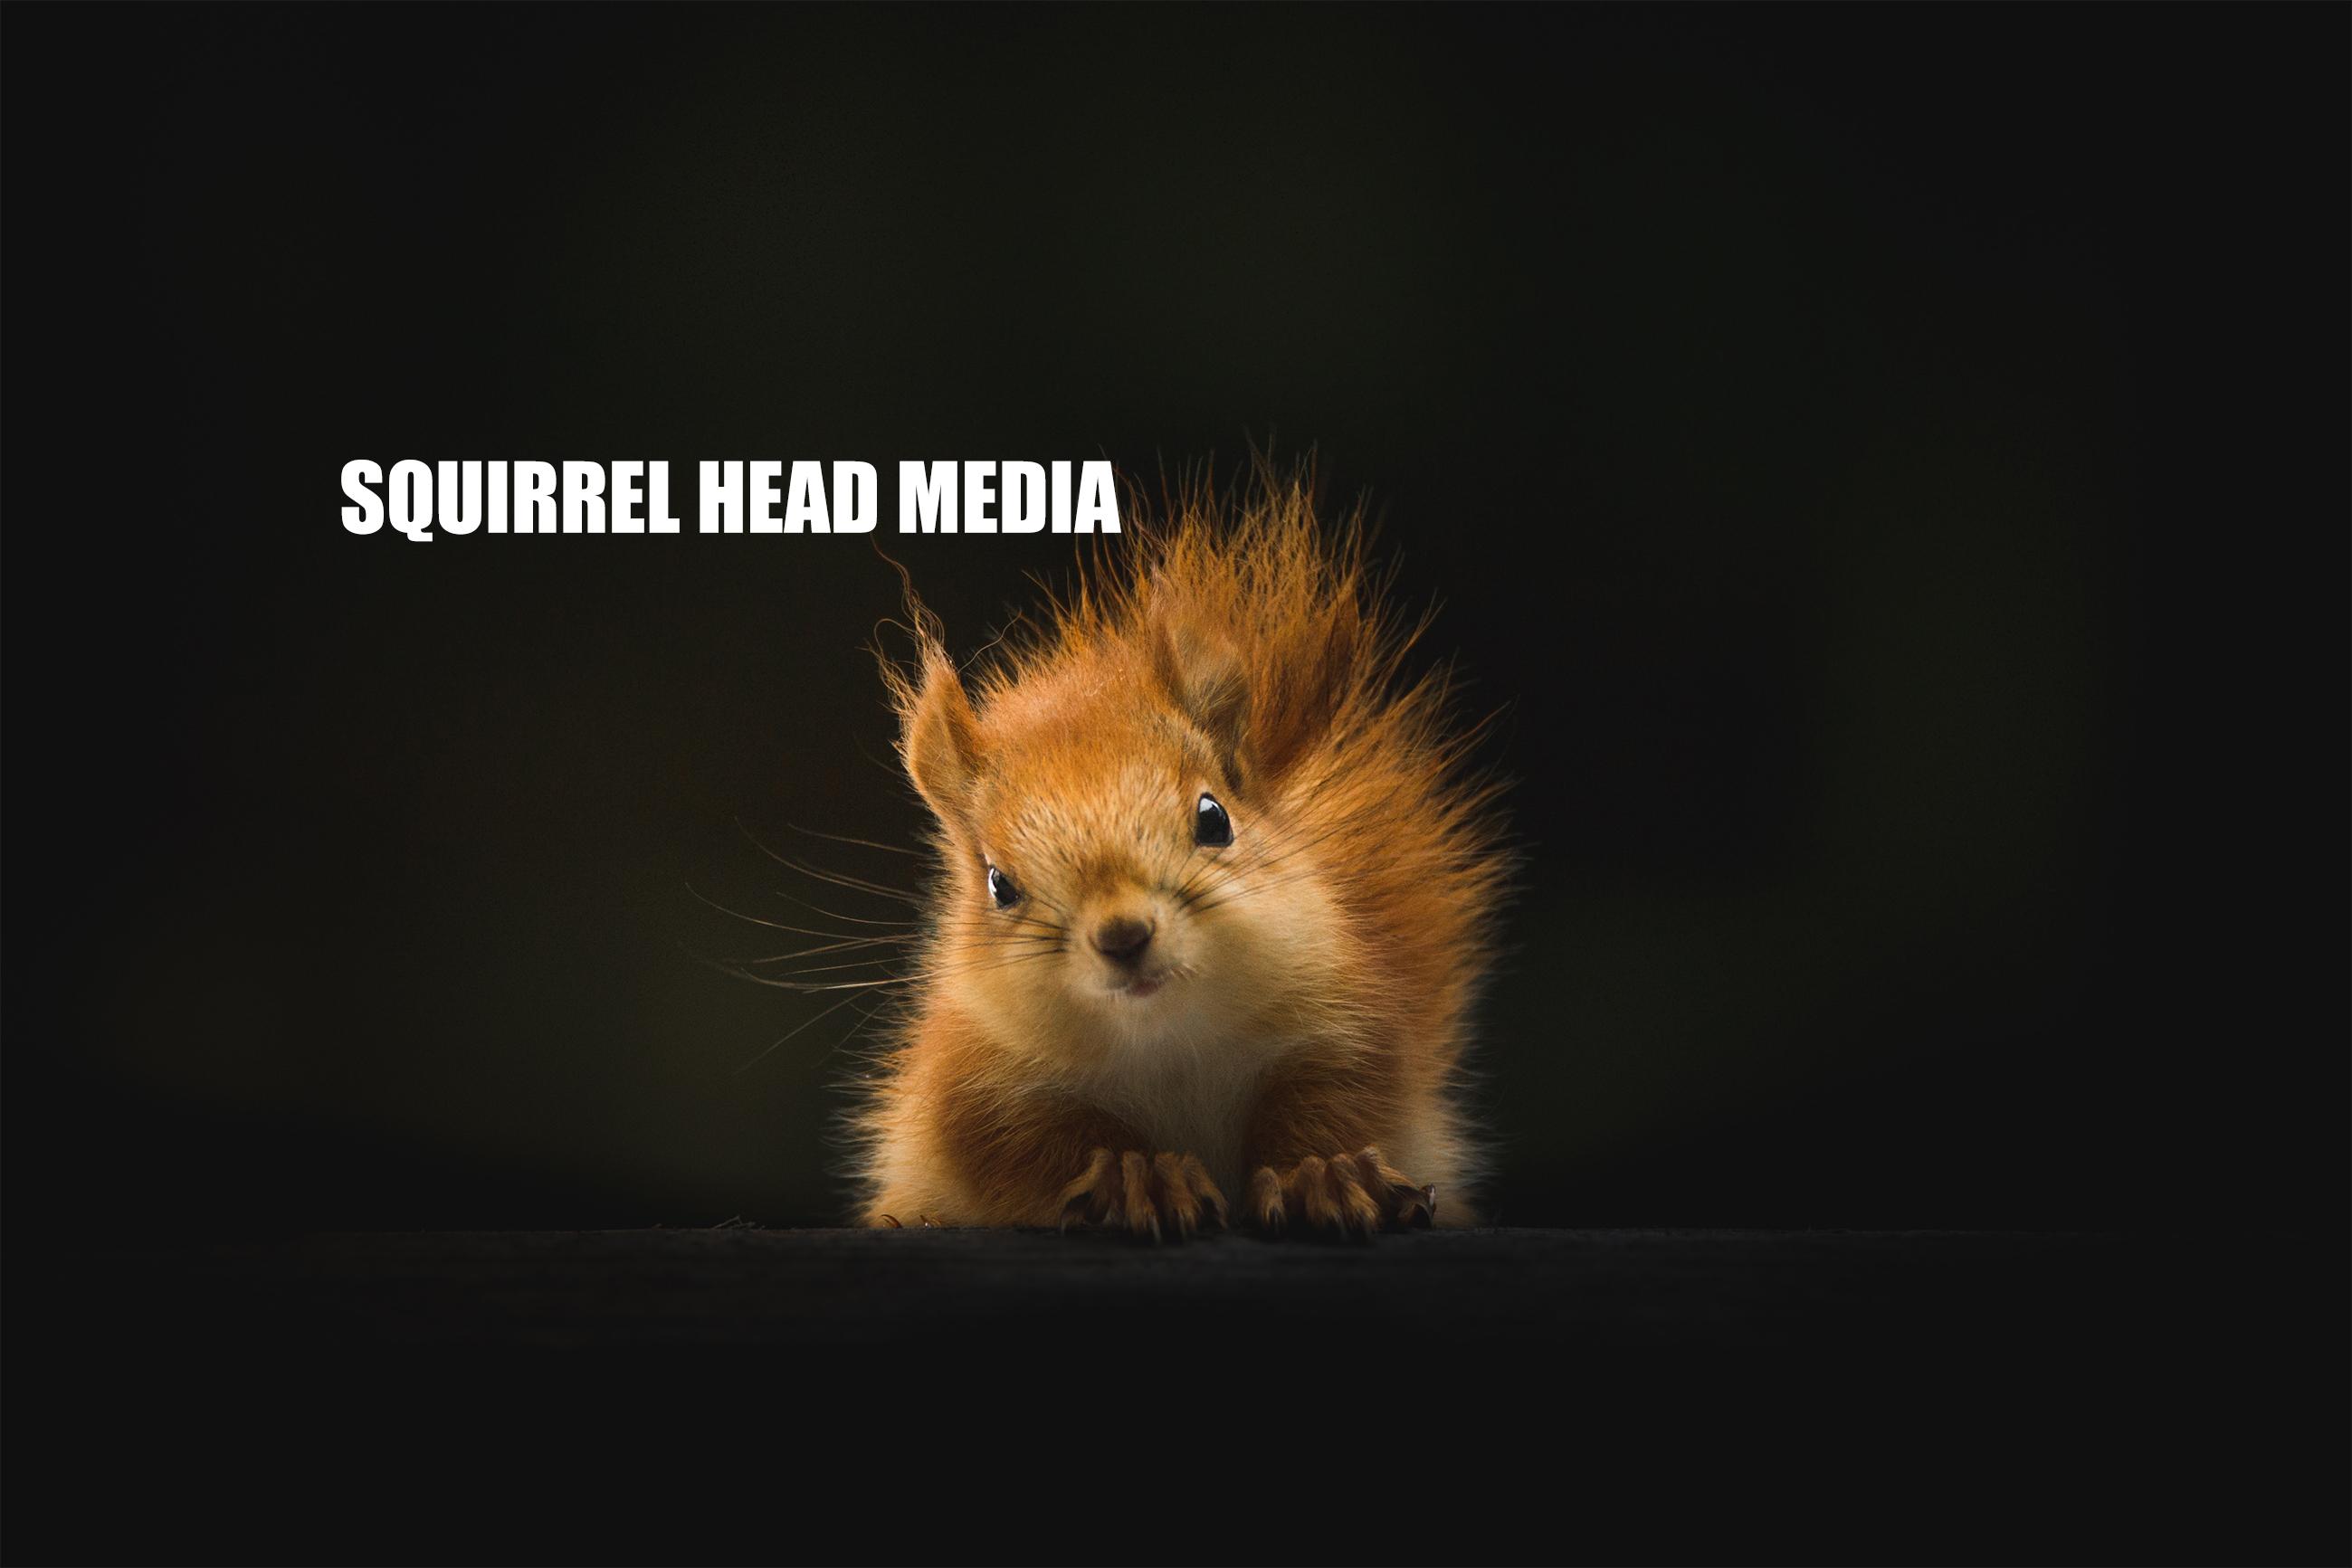 Squirrel Head Media